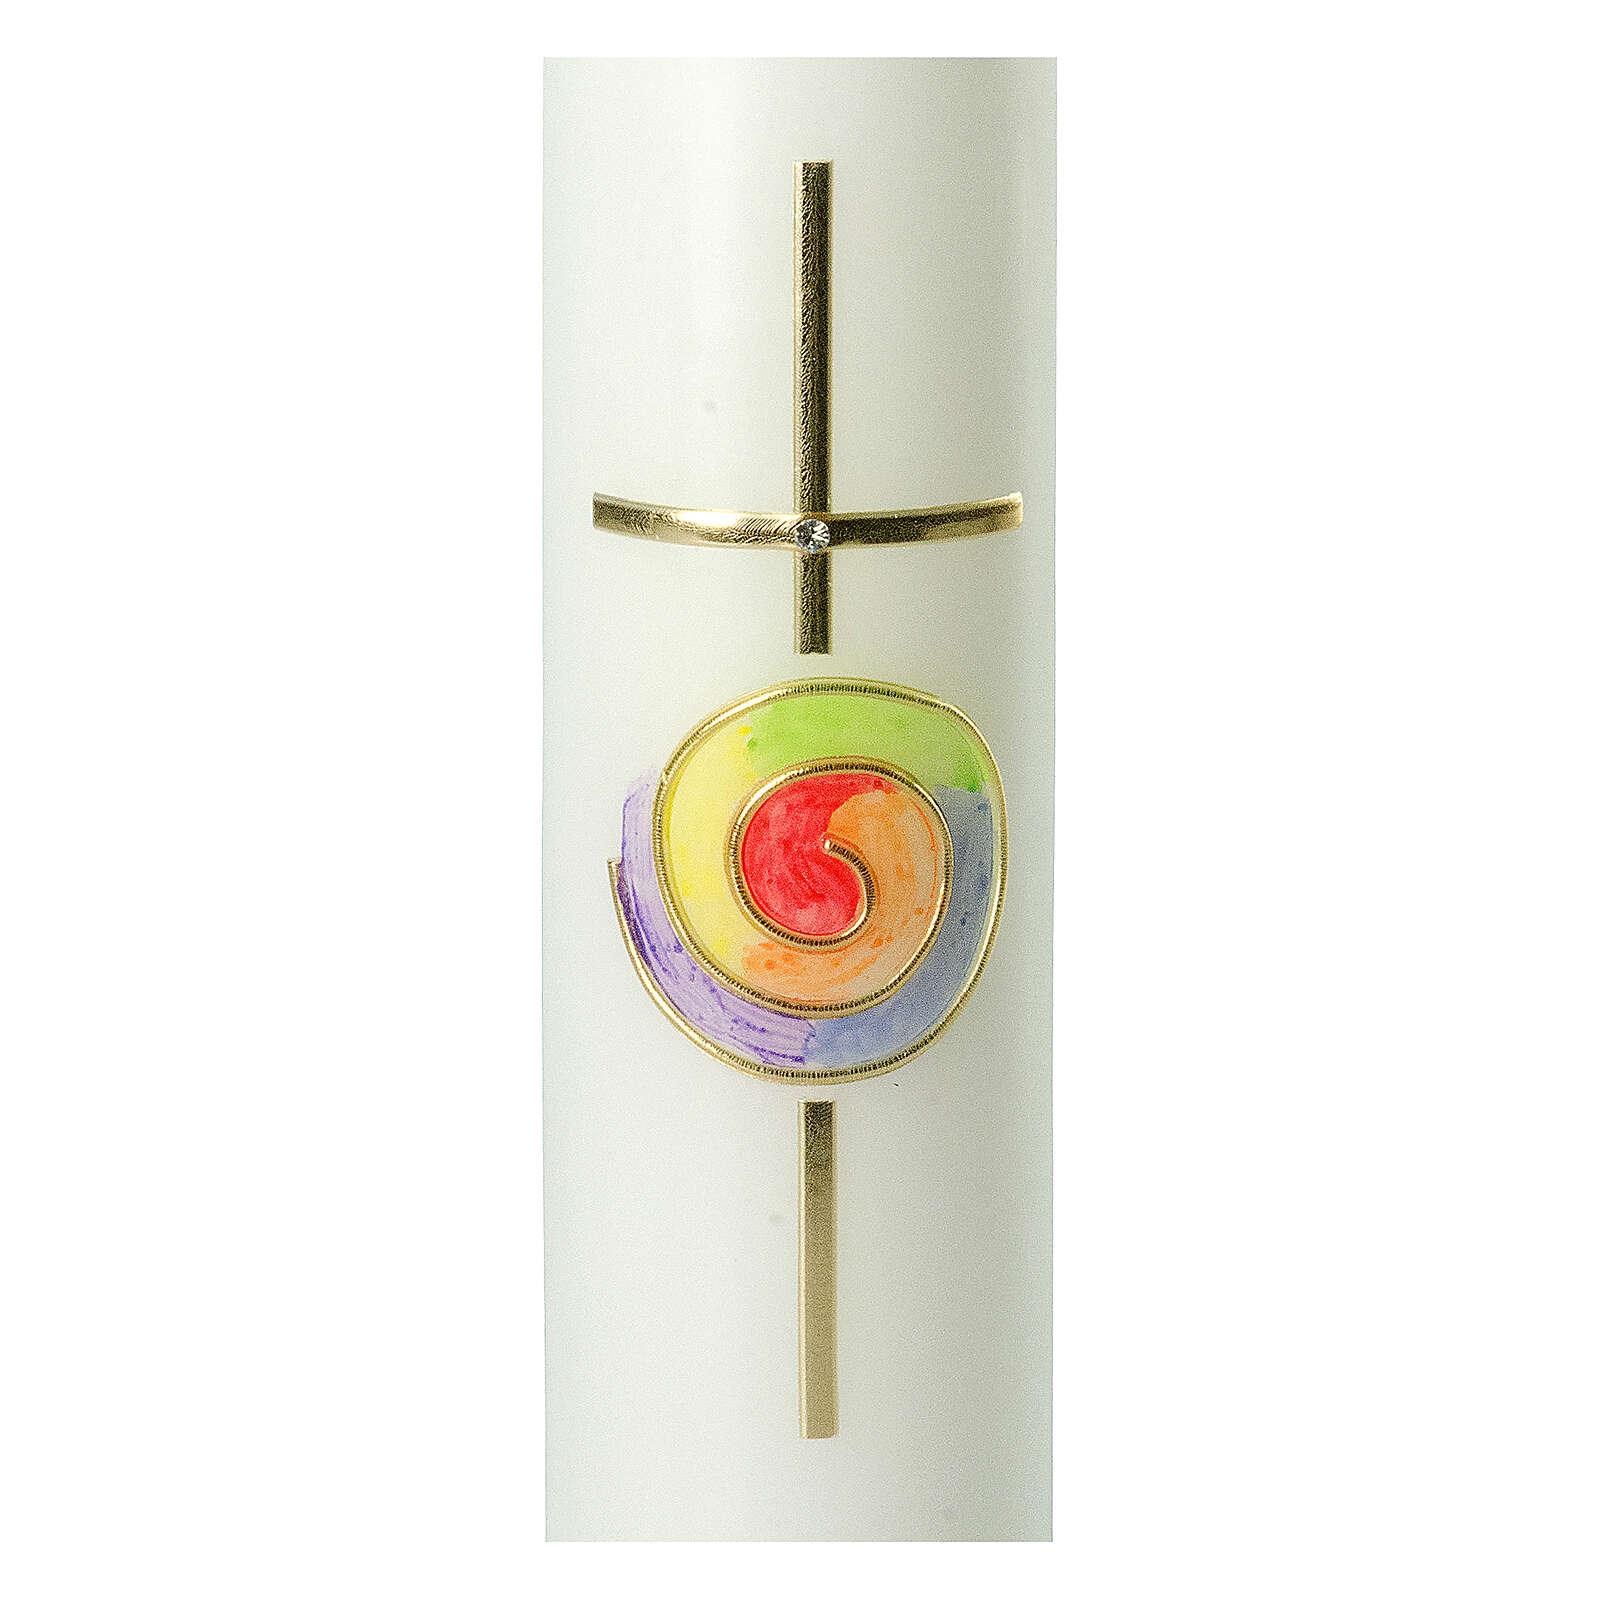 Kerze mit regenbogenfarbenem Kreis und Kreuz, 265x60 mm 3